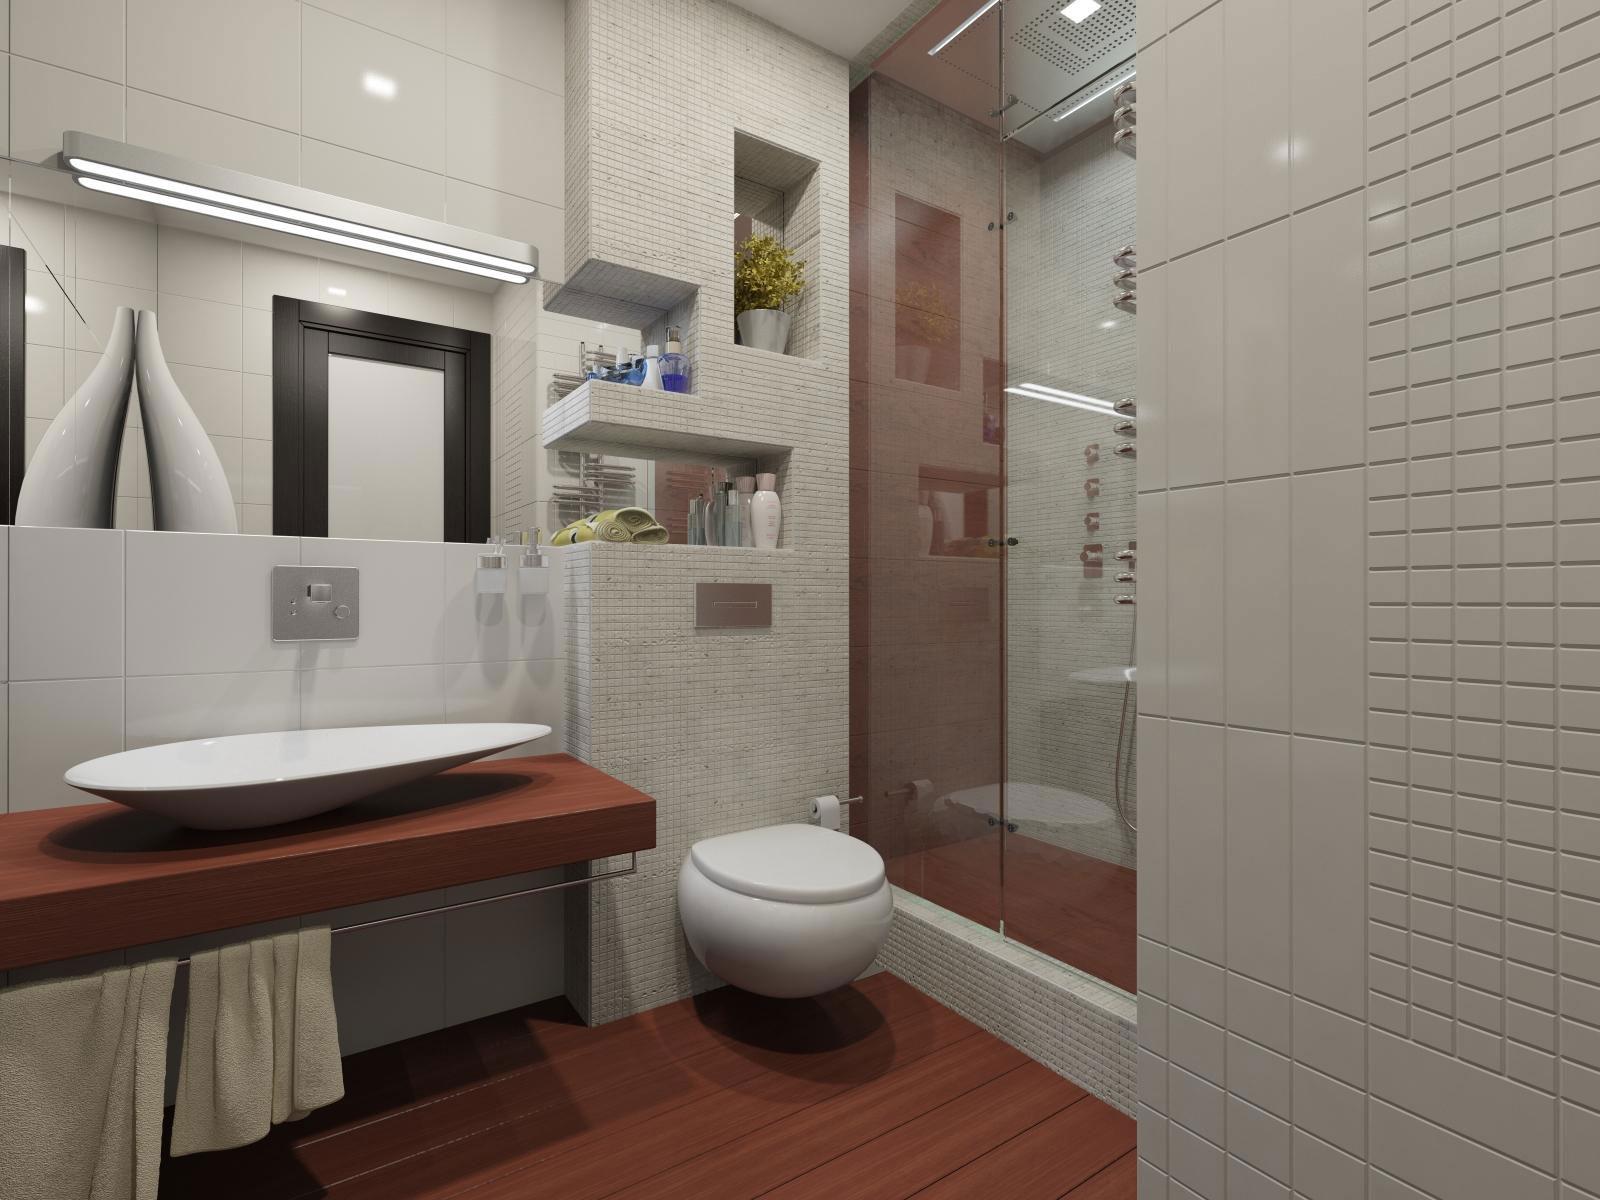 Превосходное оформление интерьера квартиры в стиле минимализм